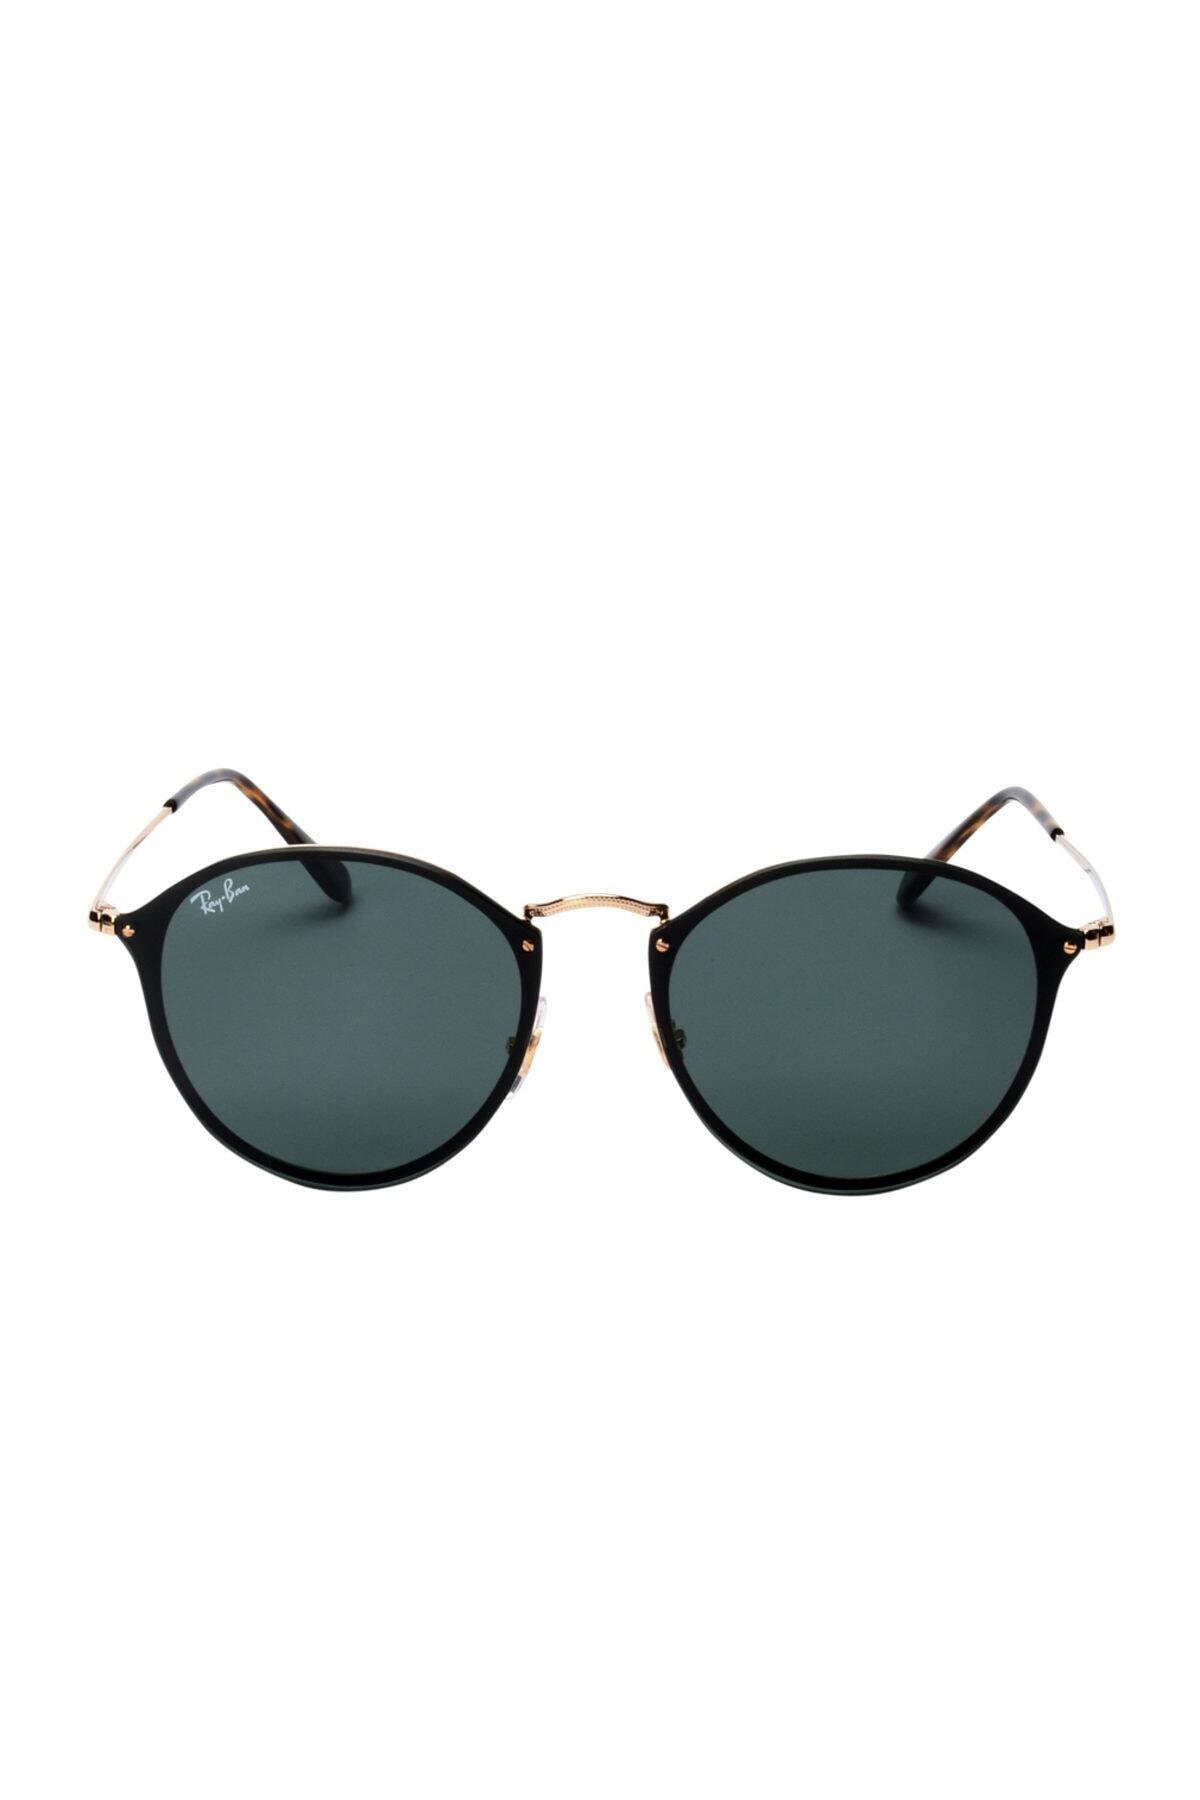 فروش اینترنتی عینک آفتابی مردانه با قیمت برند ری بن کد ty961384